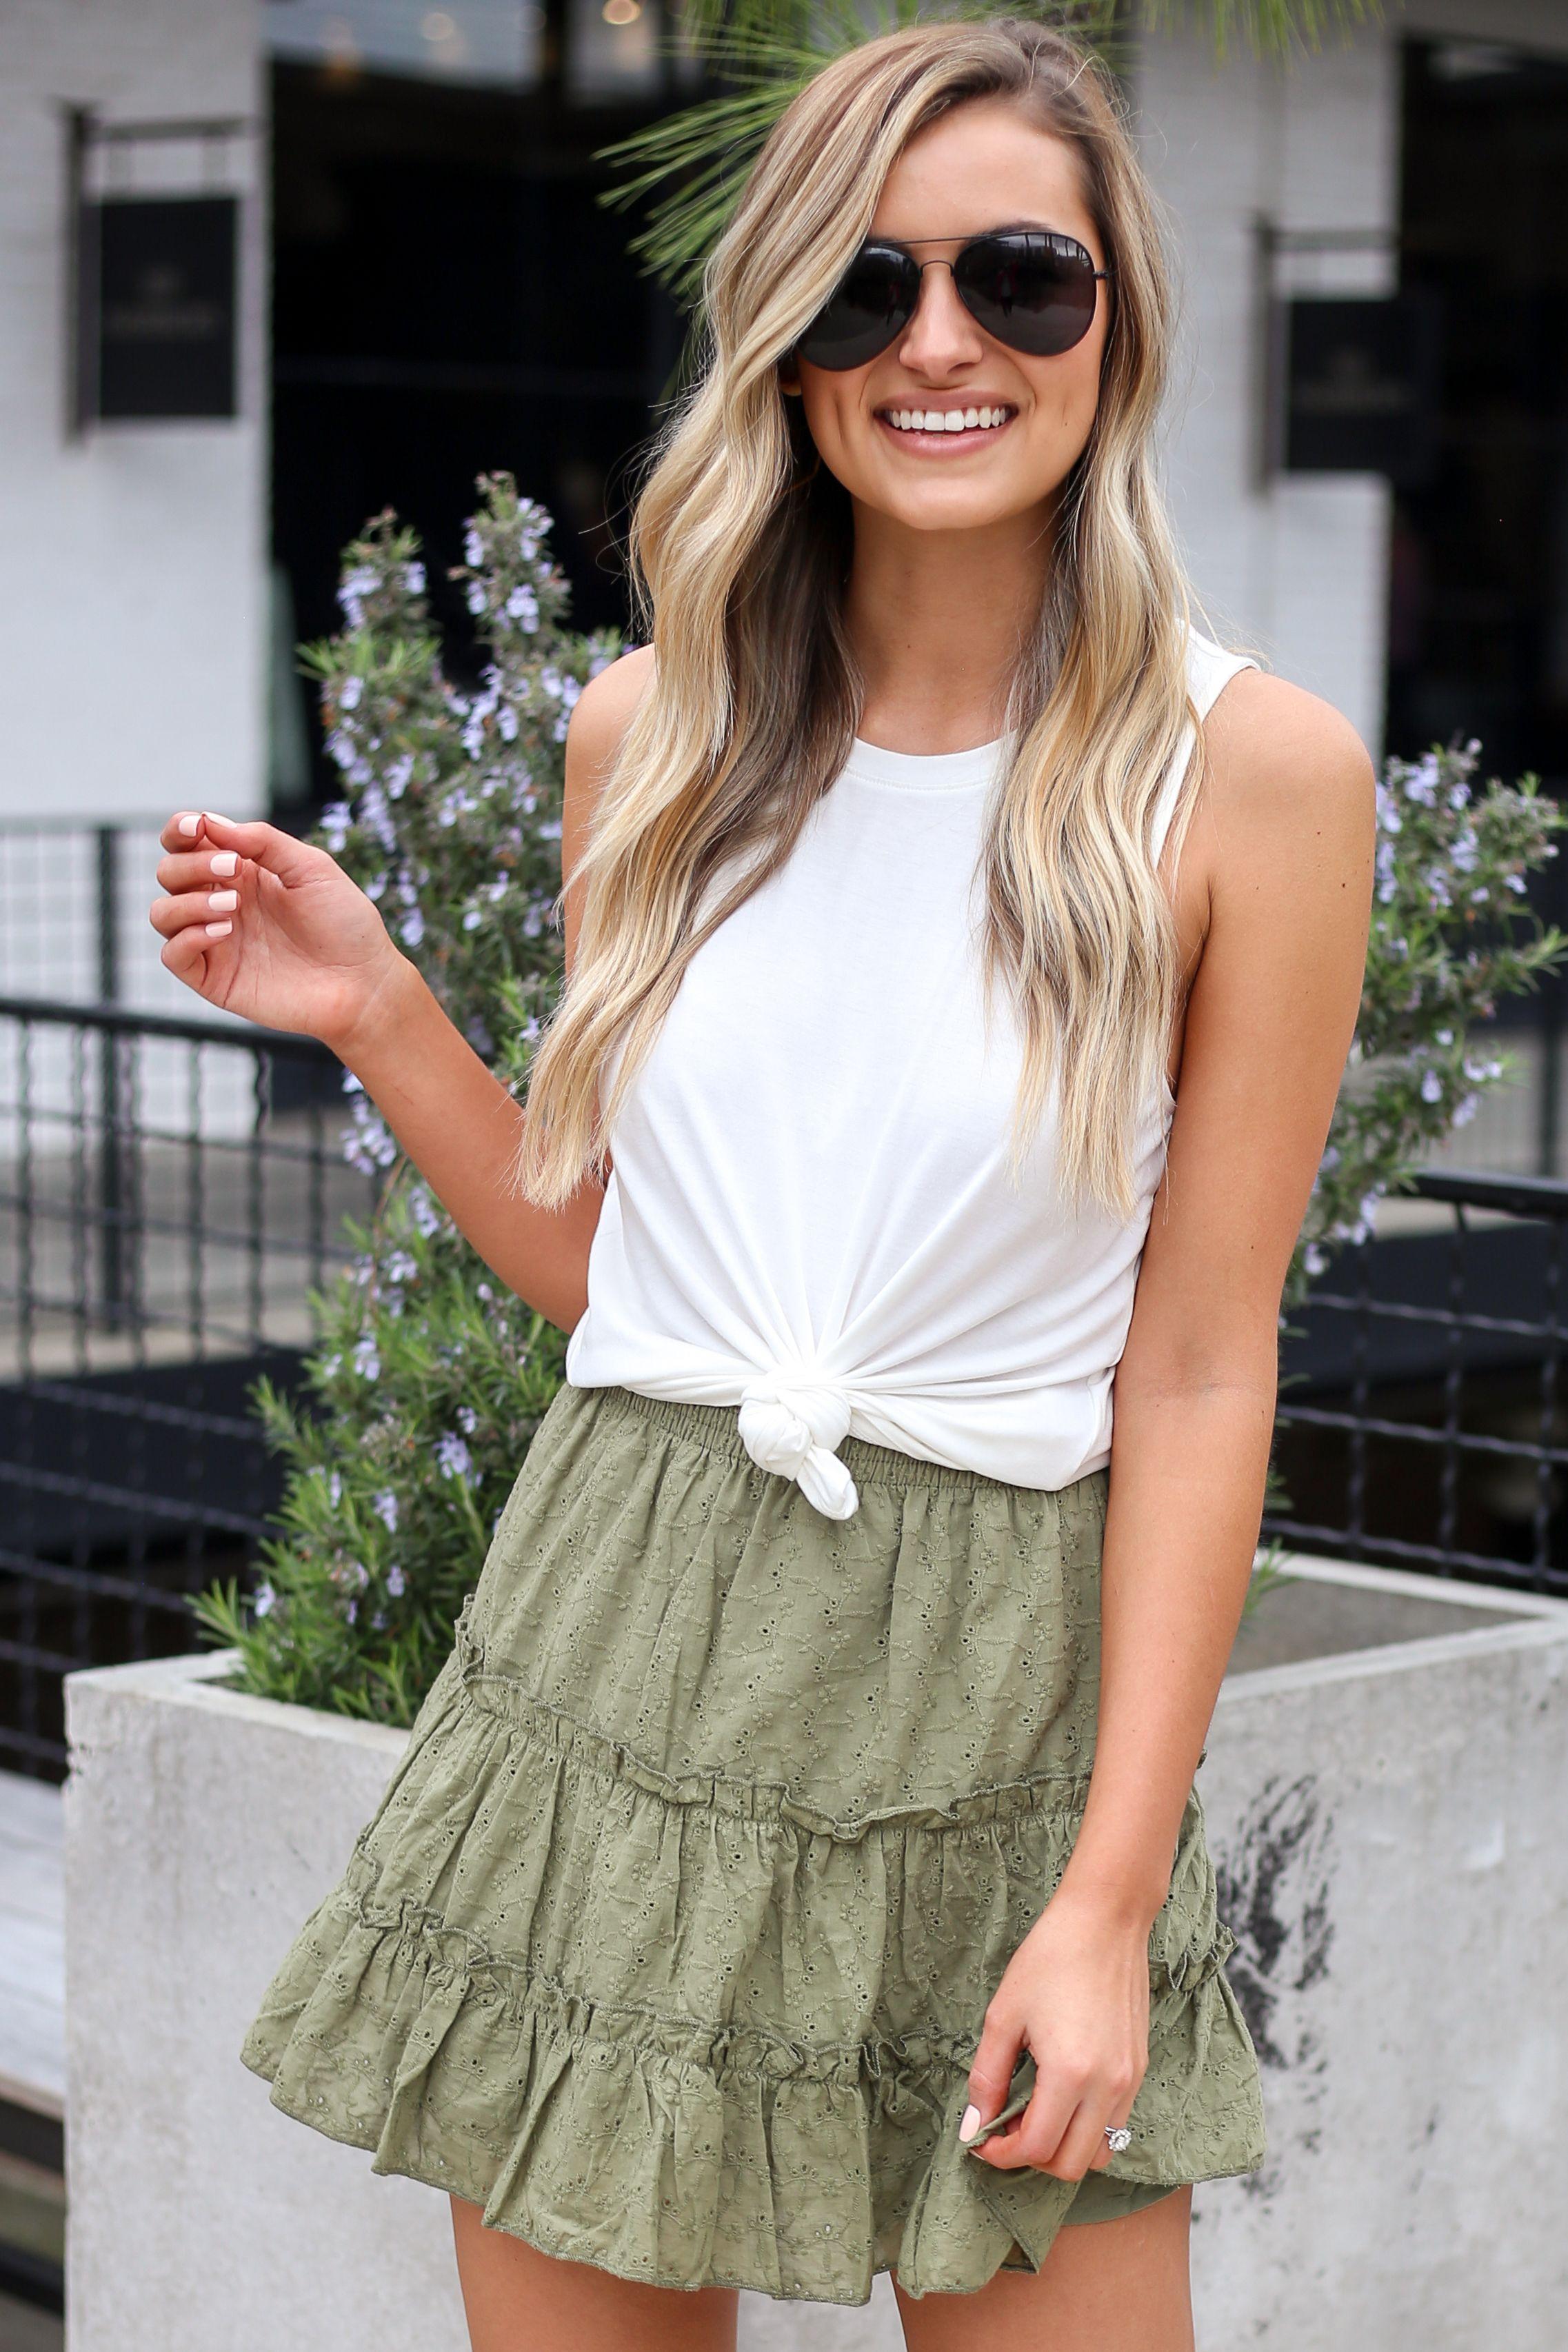 Olive Eyelet Skirt Summer Skirts Flowy Skirt Outfit Skirt Outfits Summer Flirty Outfits [ 3411 x 2274 Pixel ]